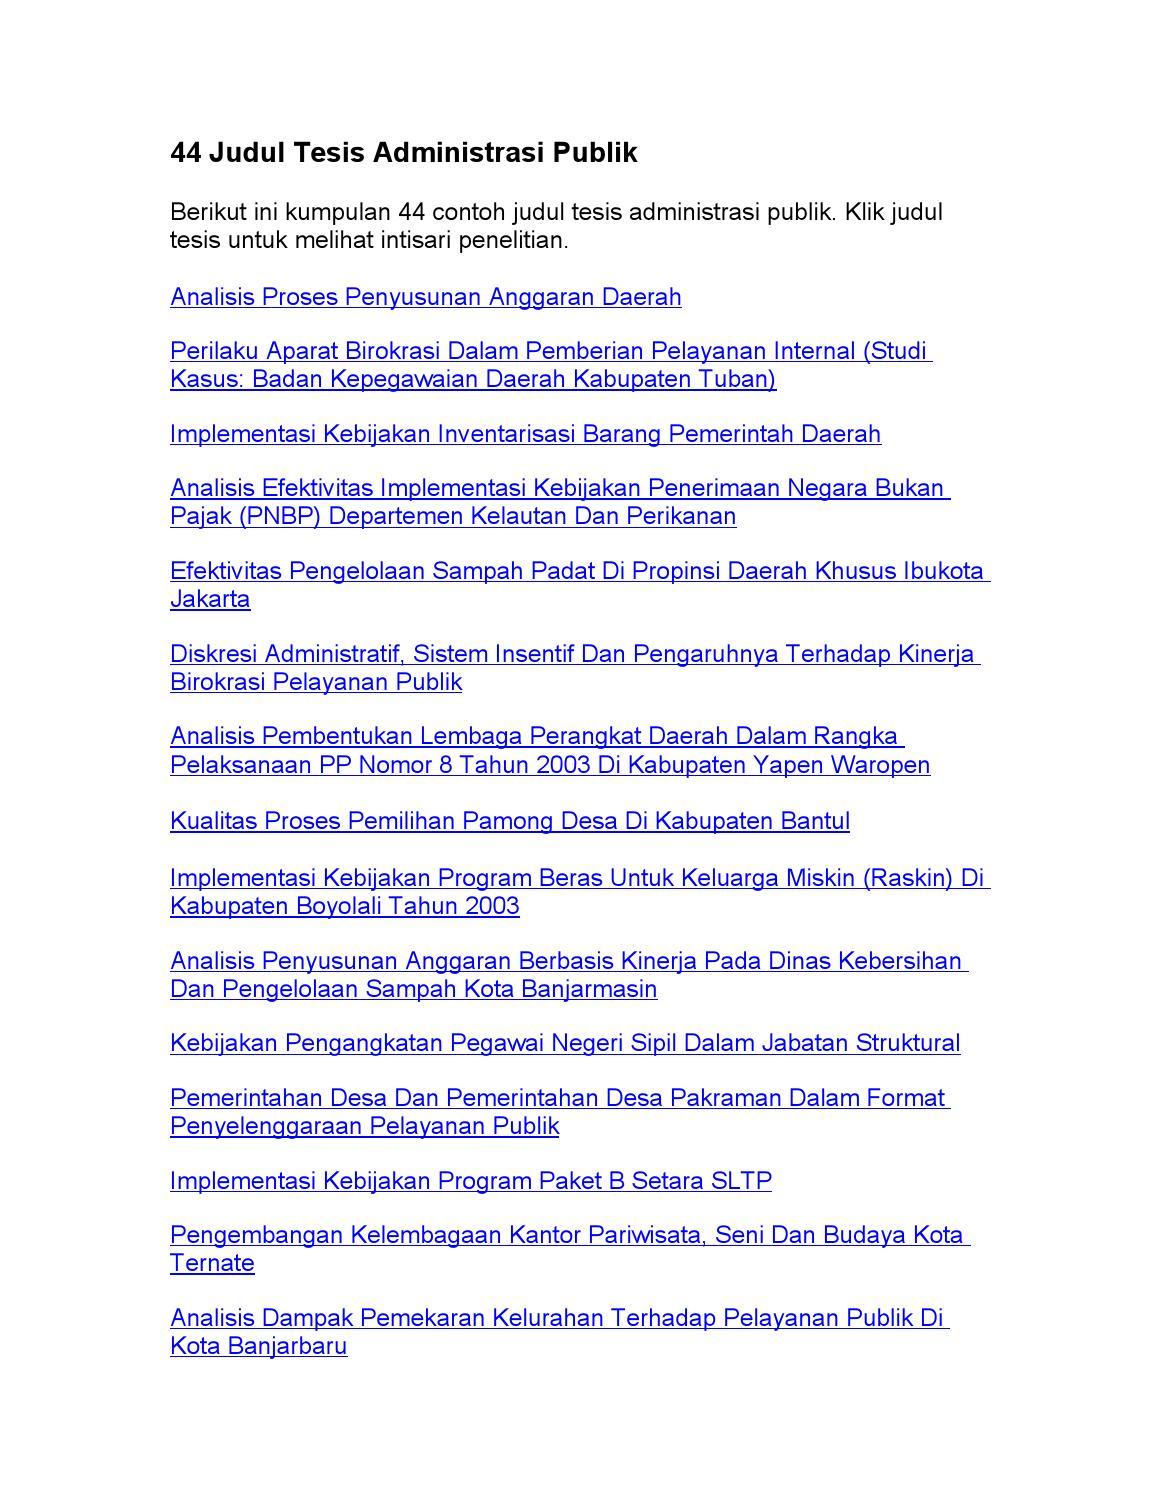 44 Judul Tesis Administrasi Publik By Judul Skripsi Issuu